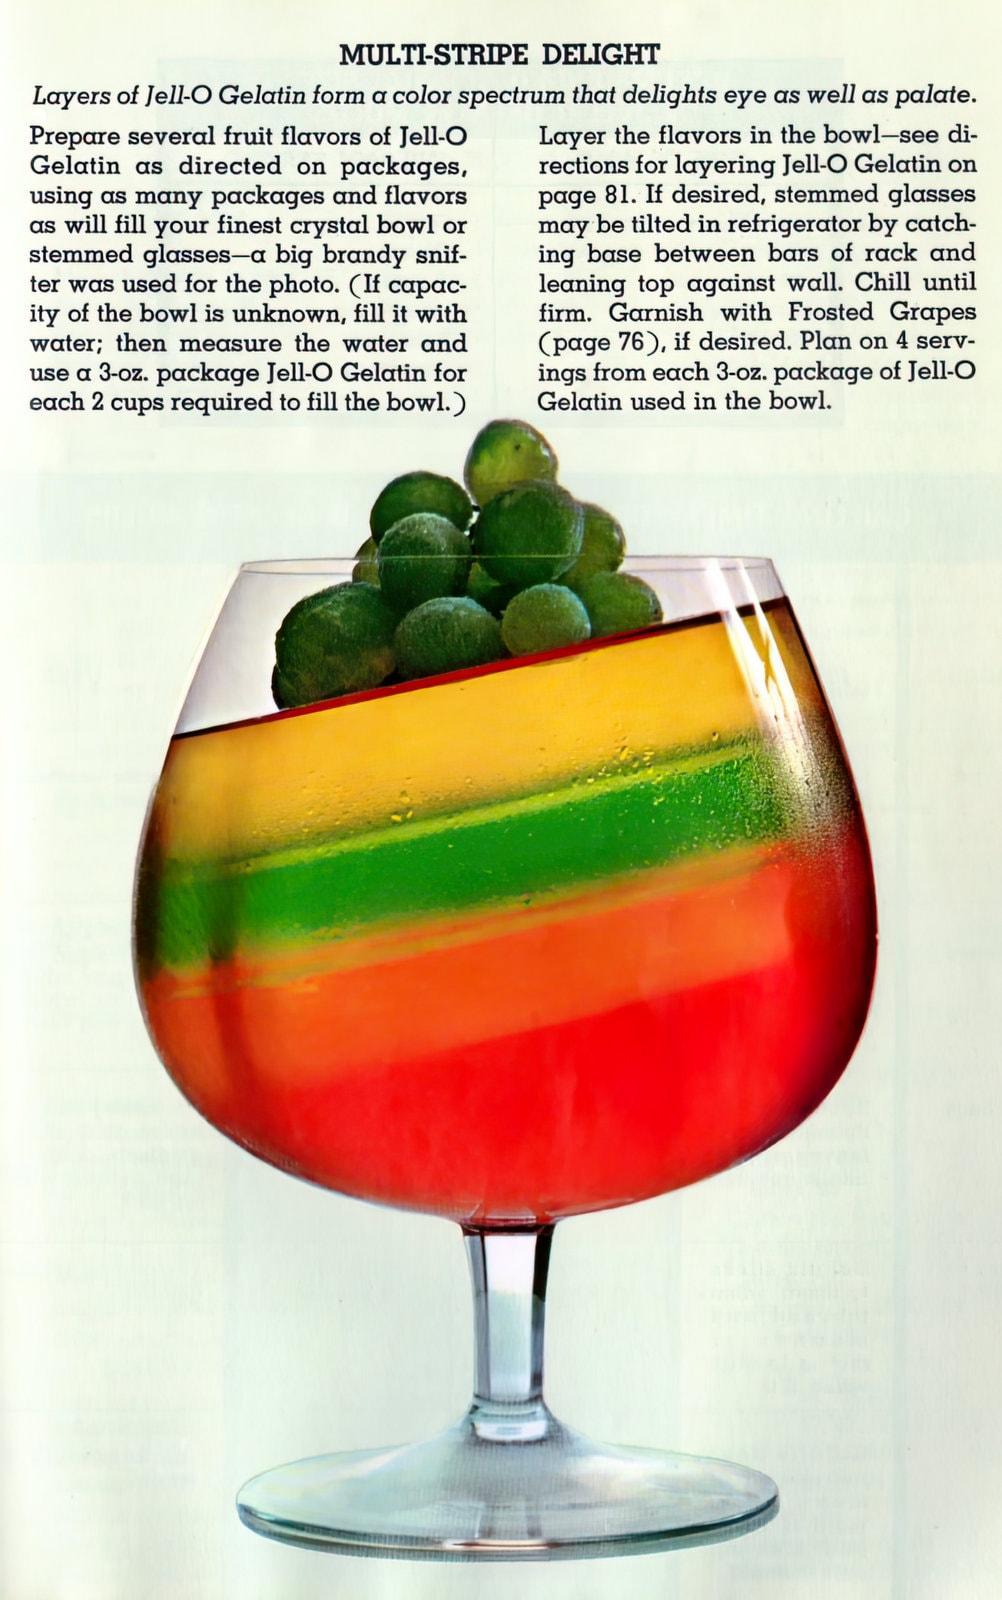 Vintage Jello multi-stripe delight recipe